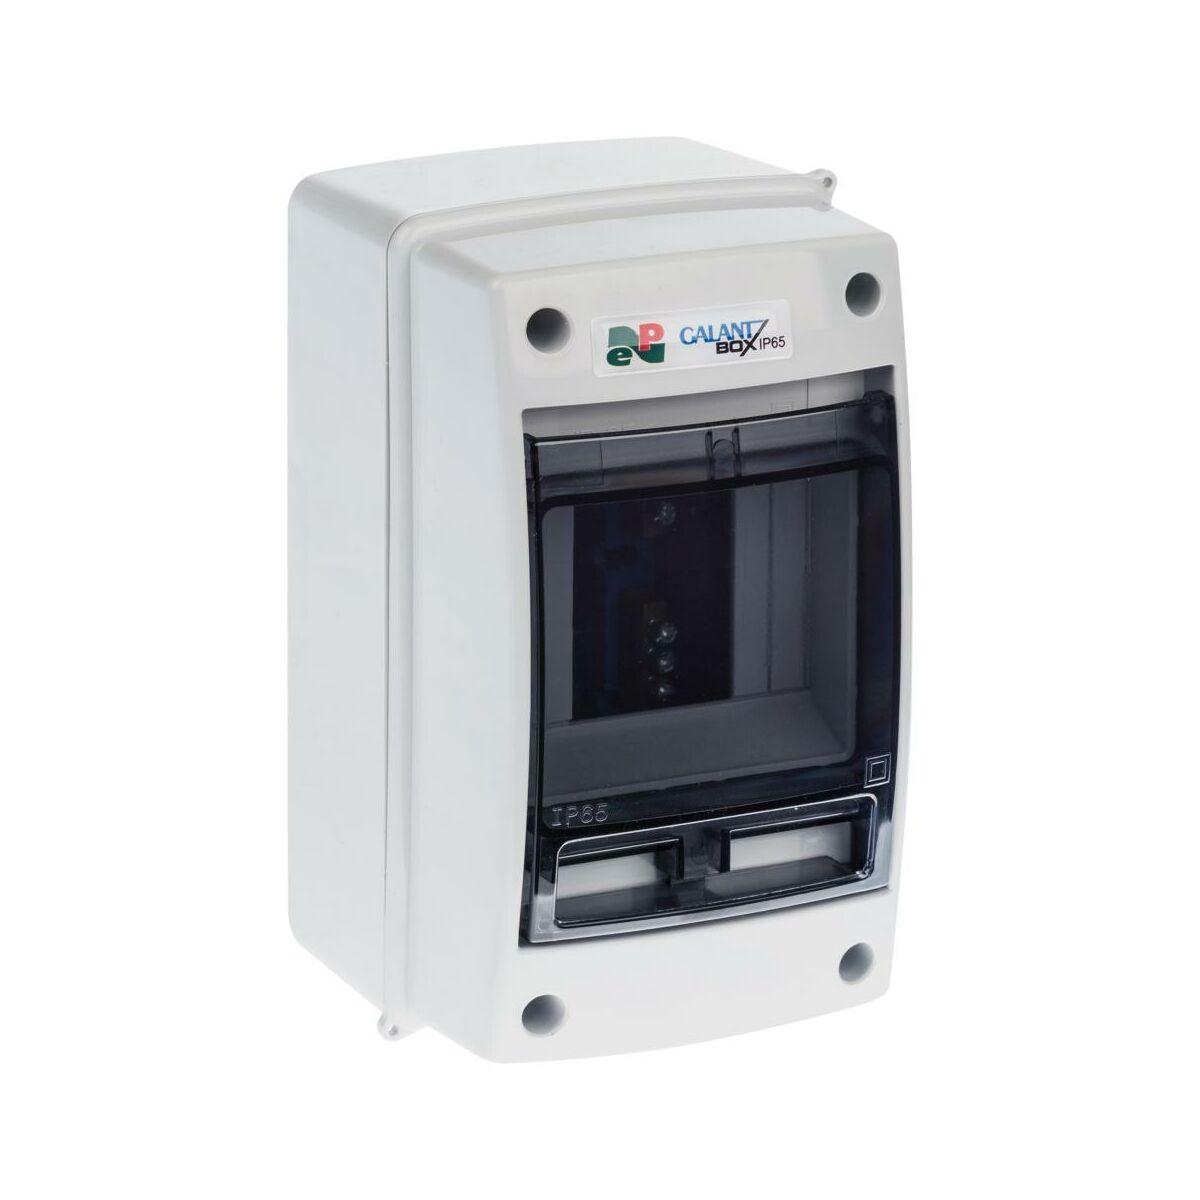 Rozdzielnica elektryczna bez wyposażenia GALANT PLUS RN 1 / 3 1600 - 01 ELEKTRO-PLAST